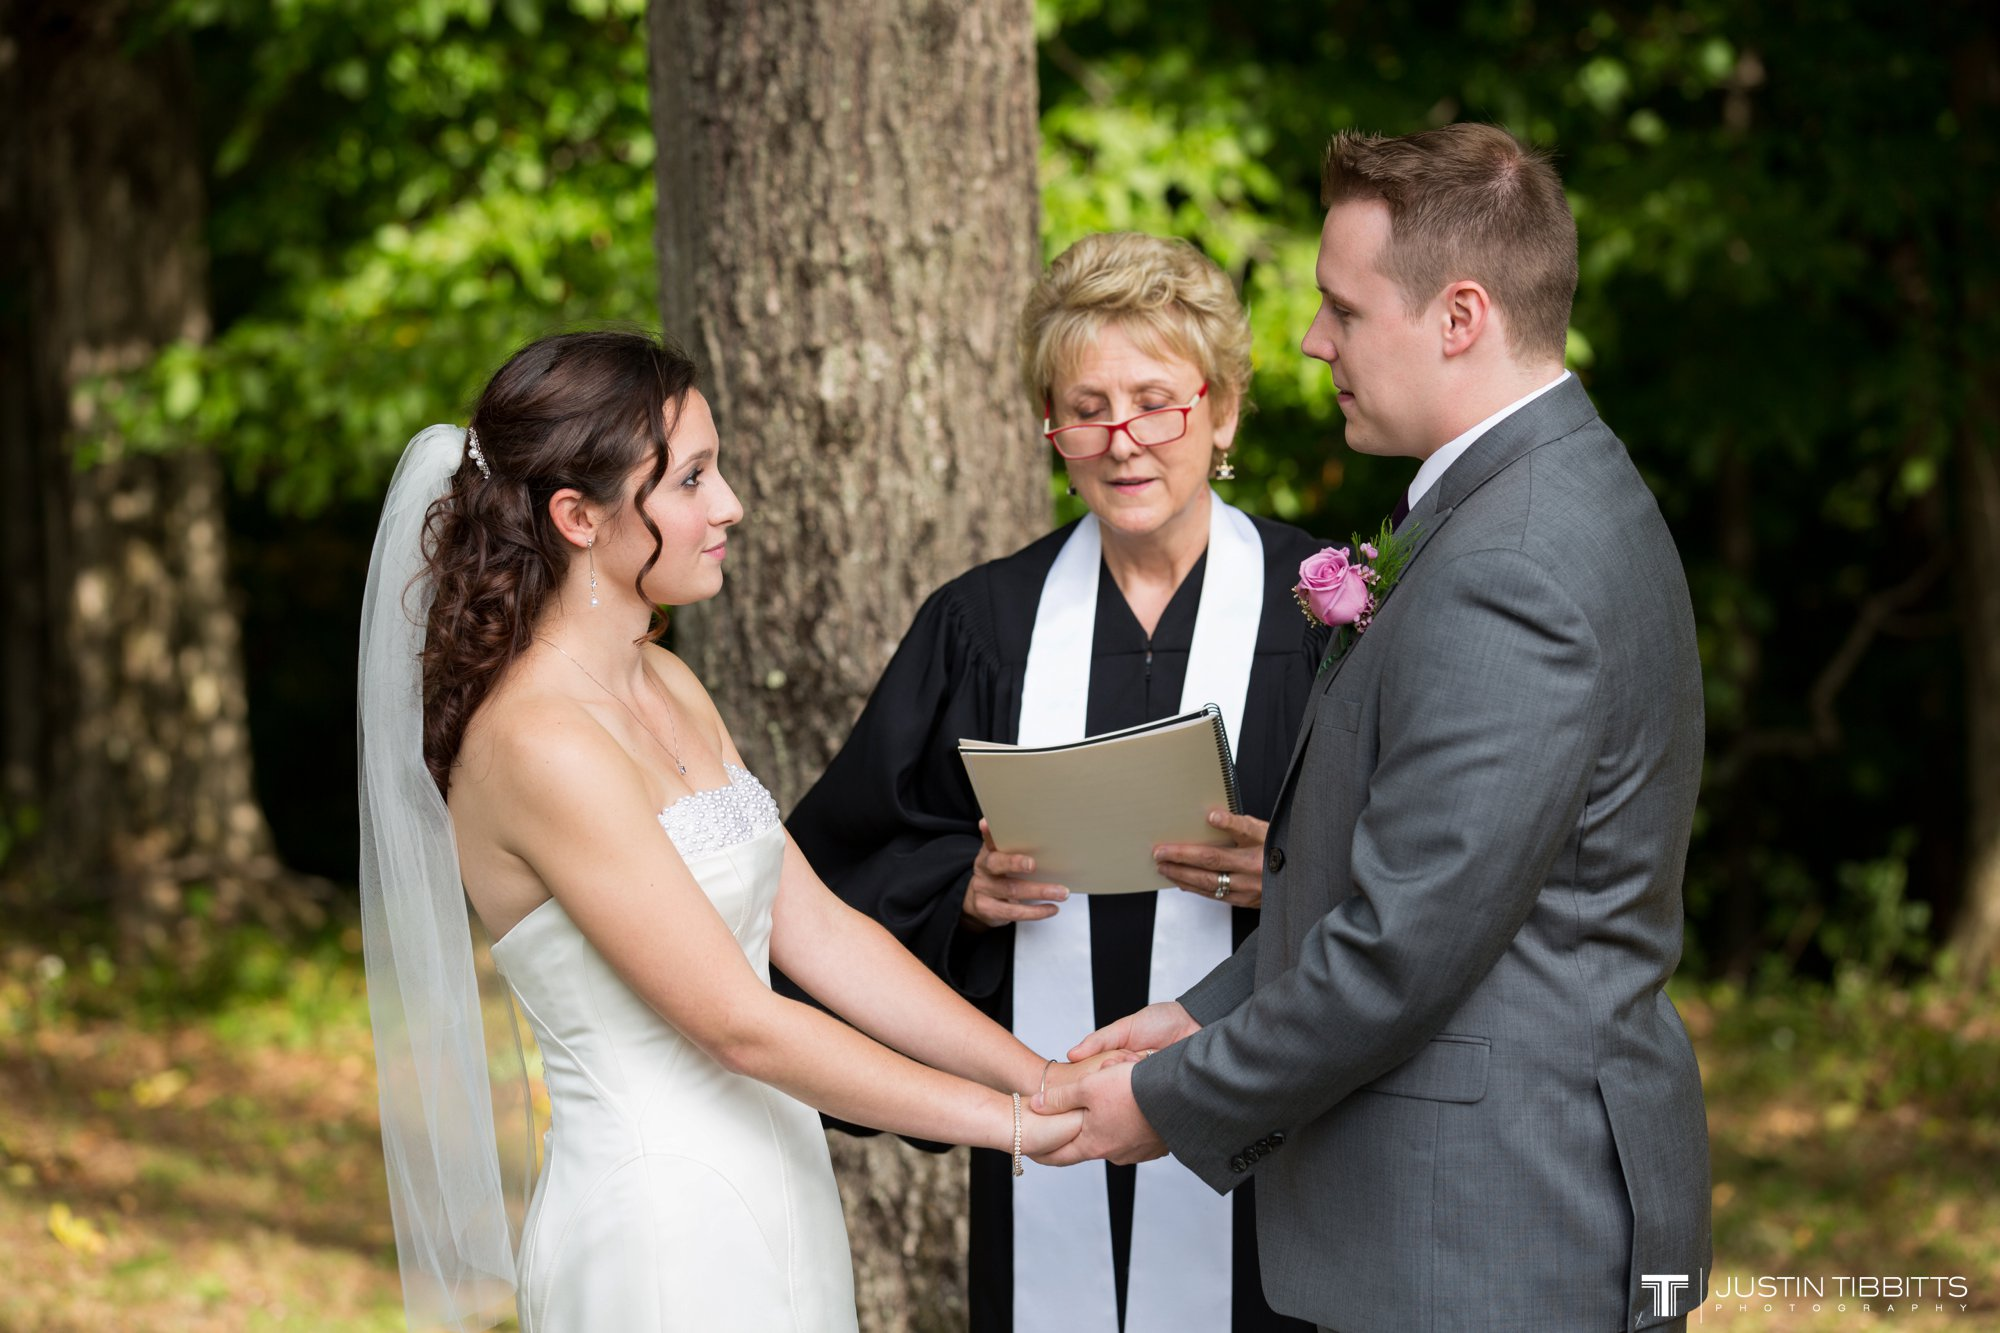 Justin Tibbitts Photography Rob and Brittany's Averill Park, NY Wedding_0382